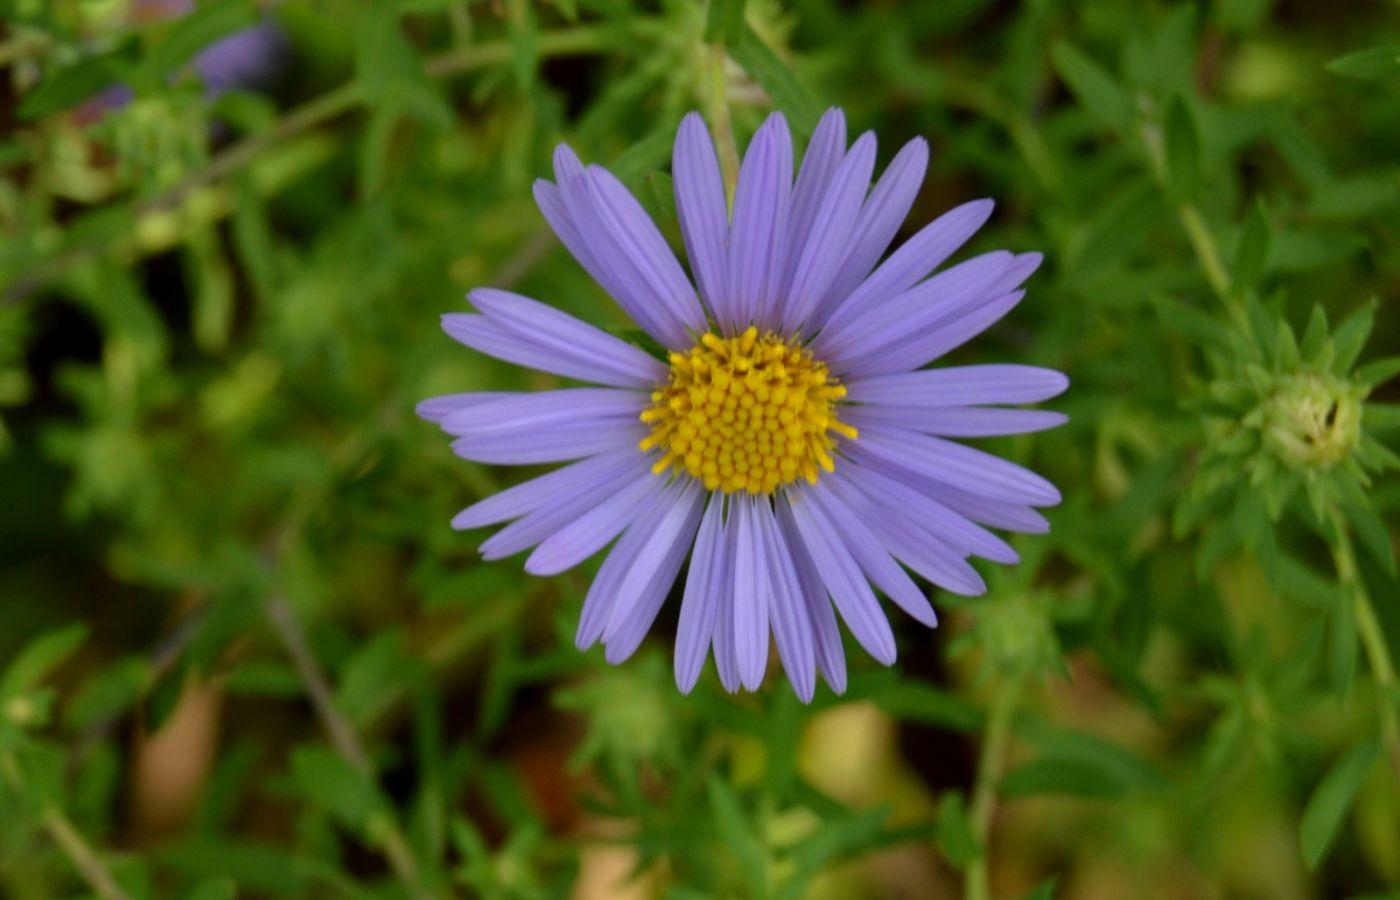 再拍紫菀_图1-4